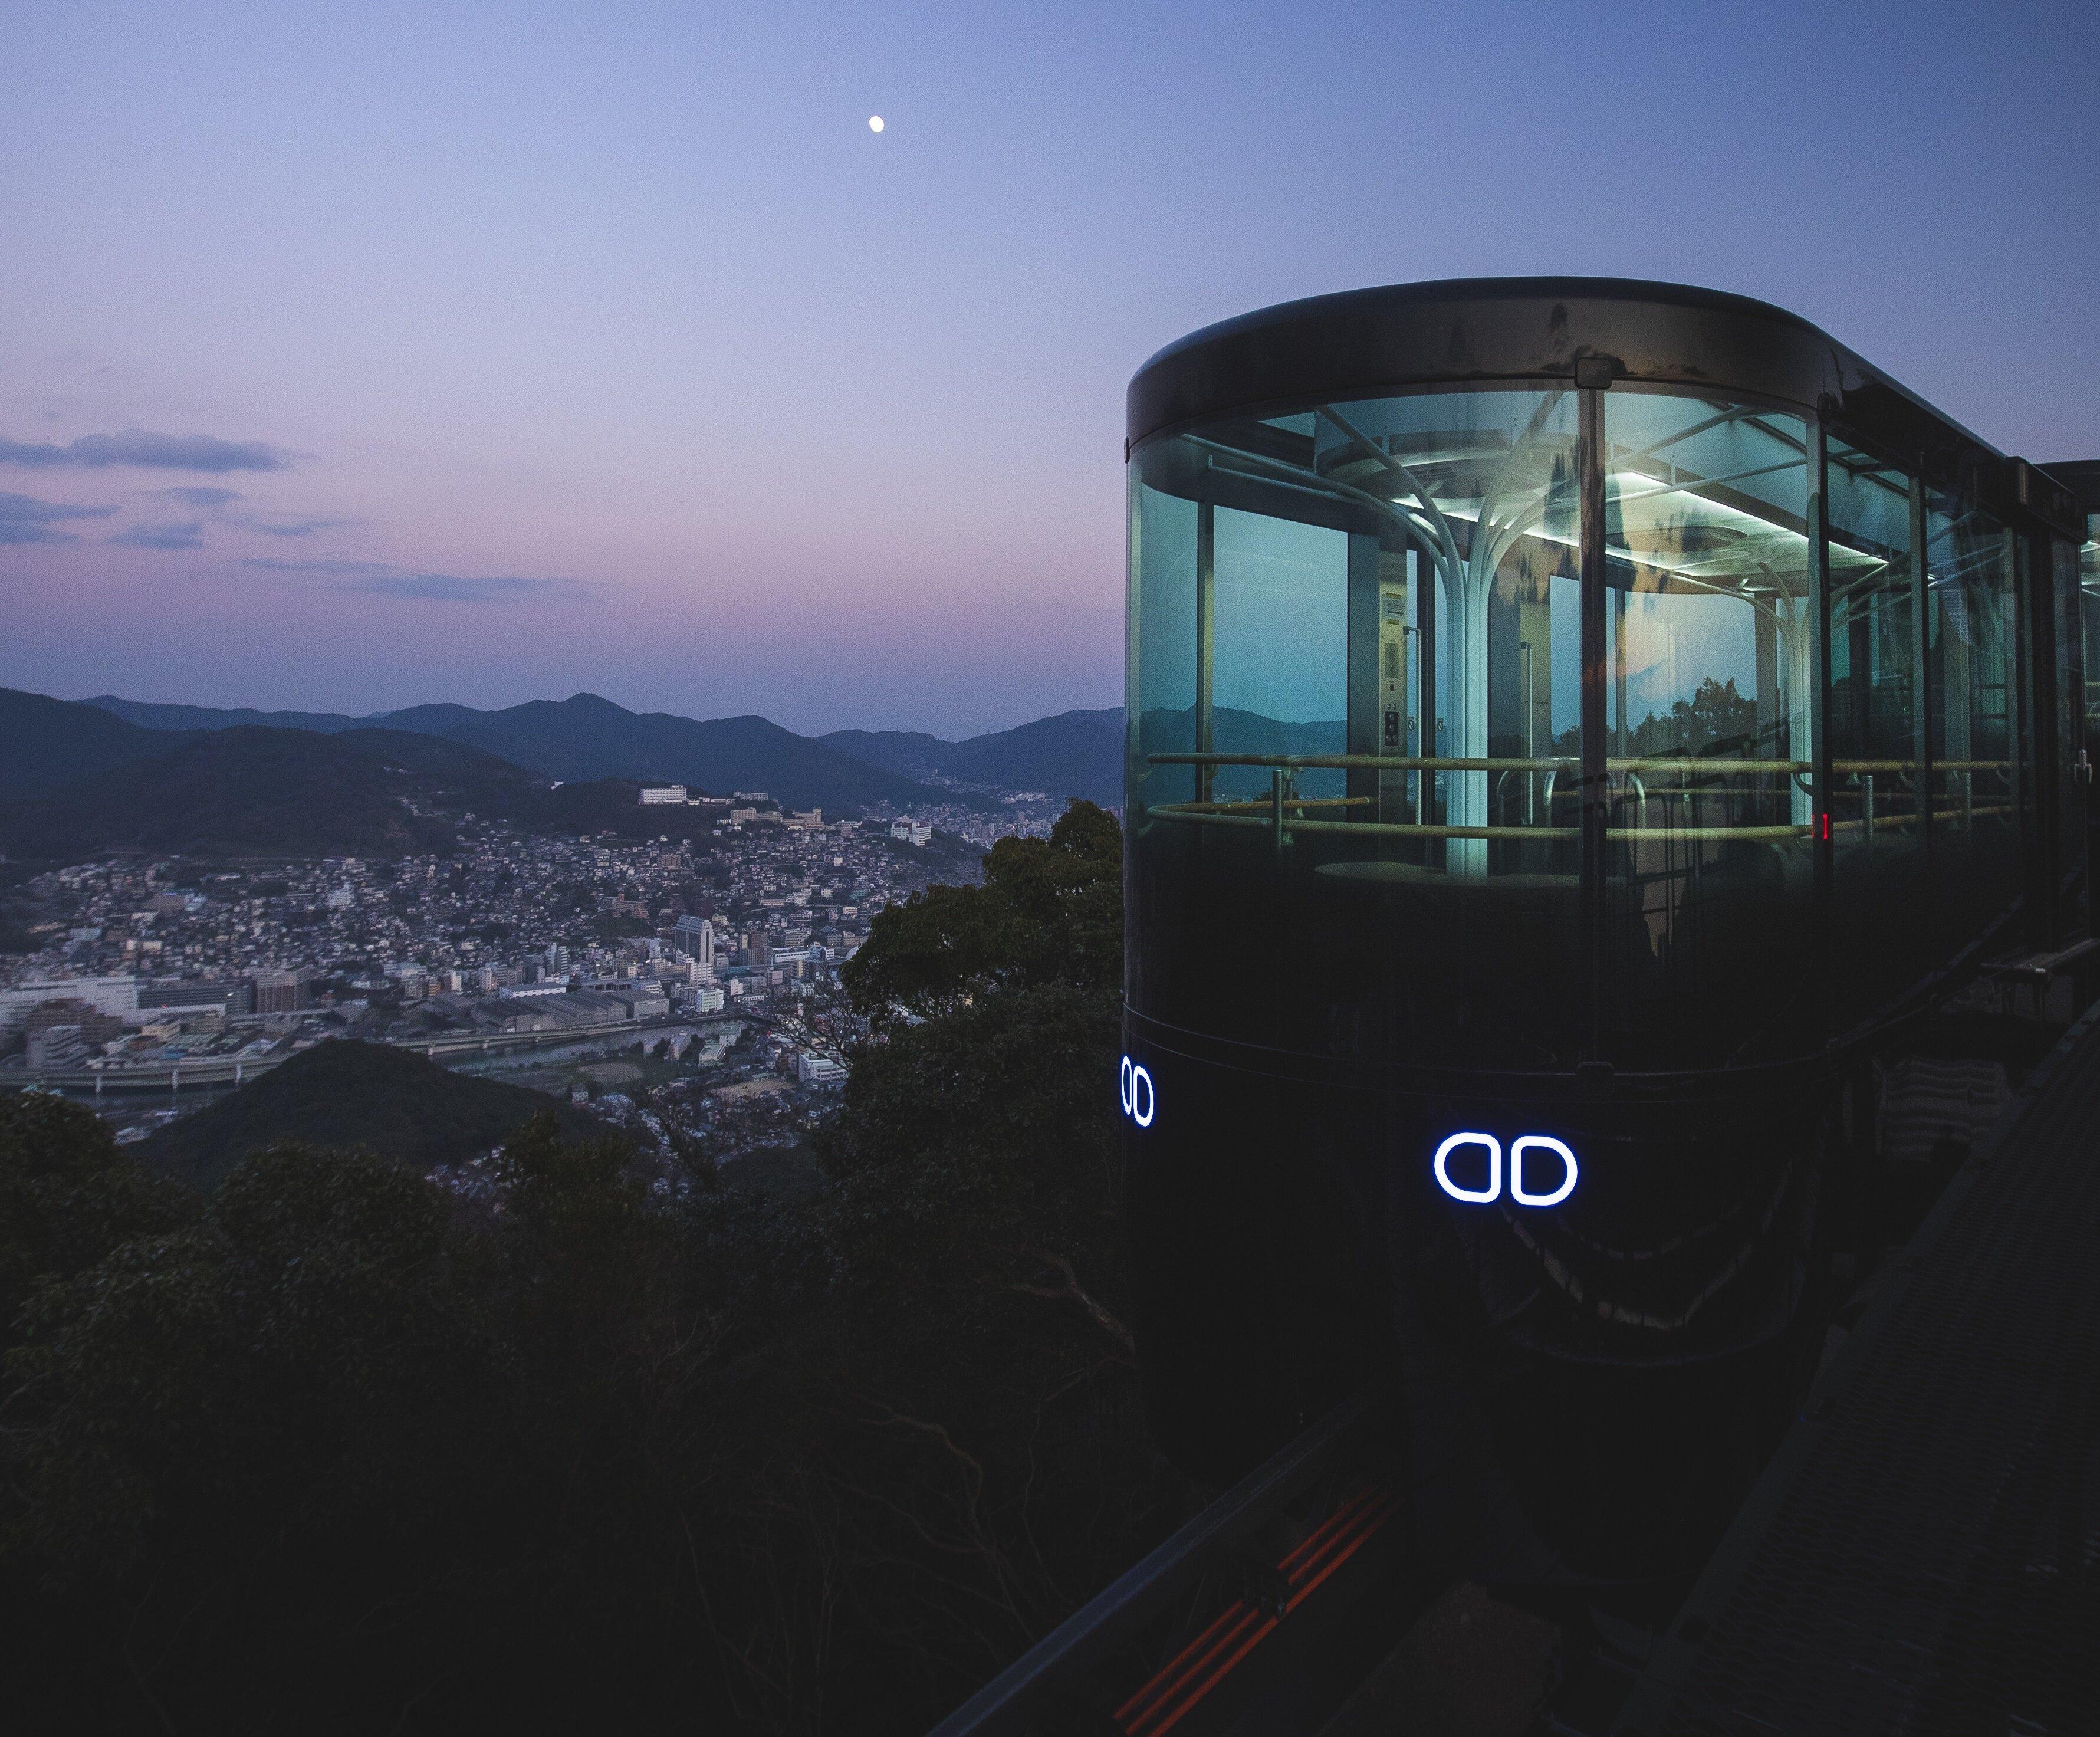 スロープカーからの長崎市街の眺め